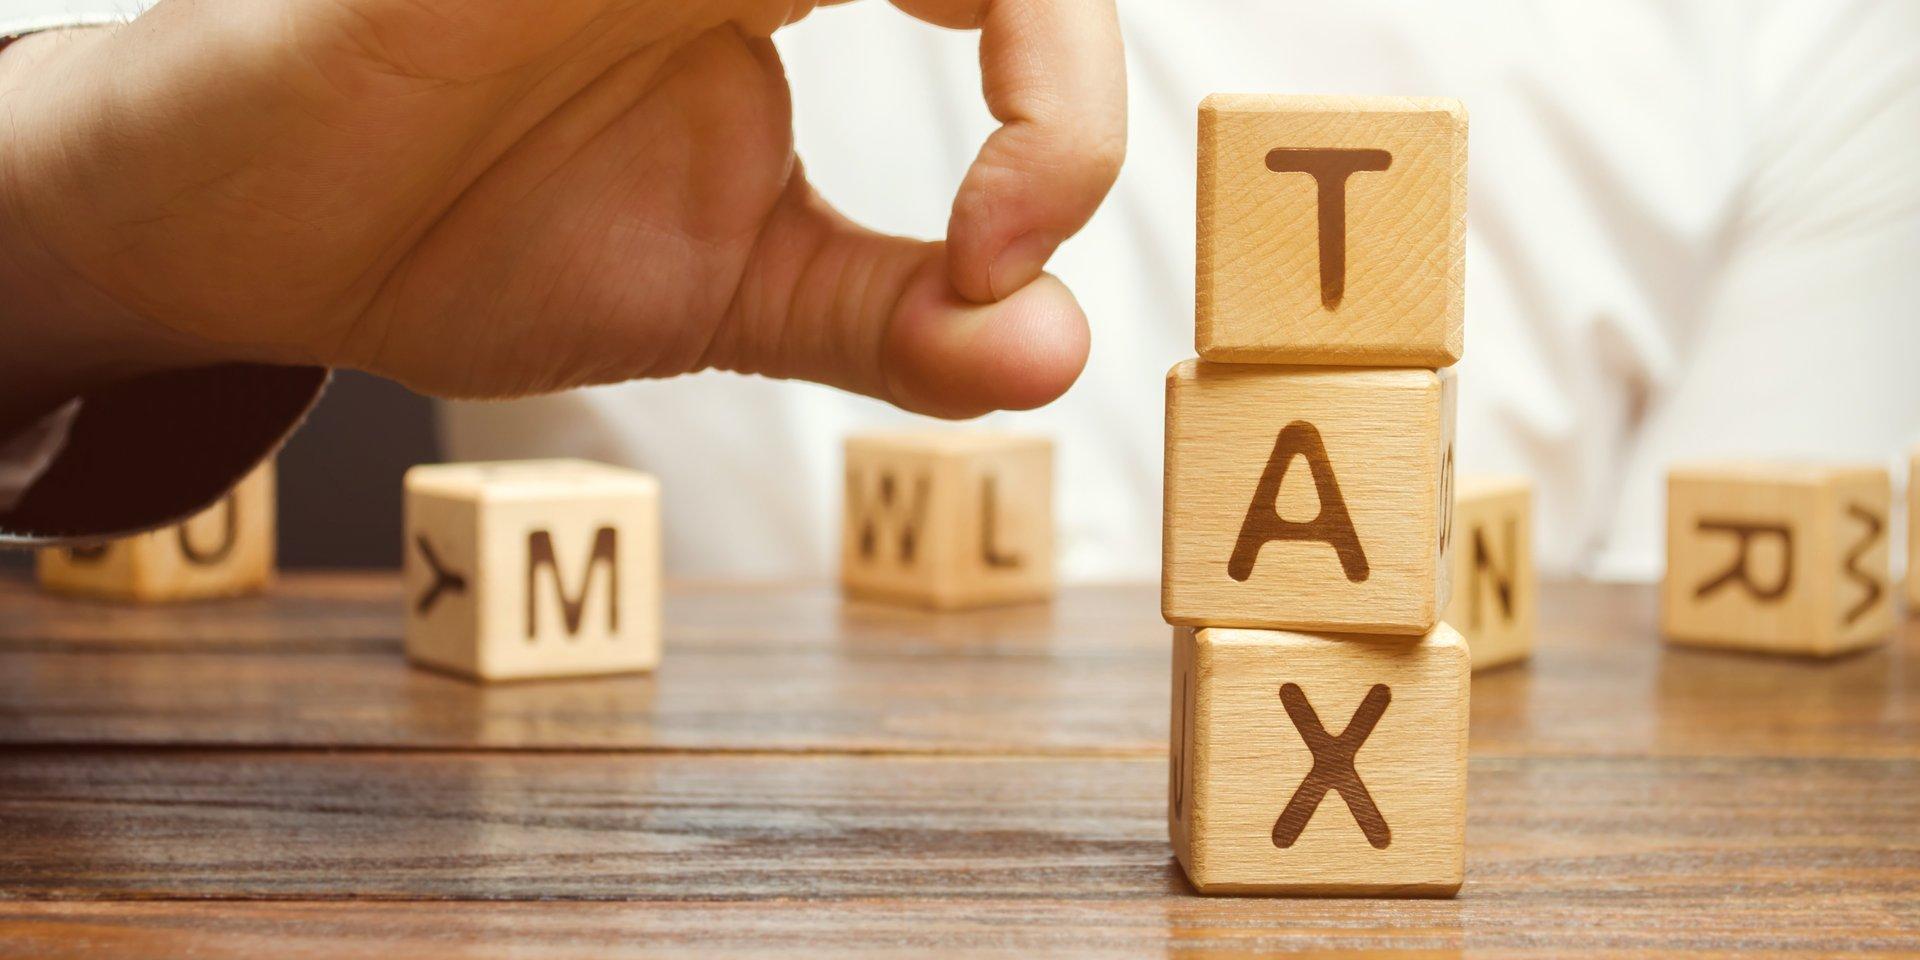 [Tarcza 4.0] Obowiązki w podatkach – zestawienie zmian